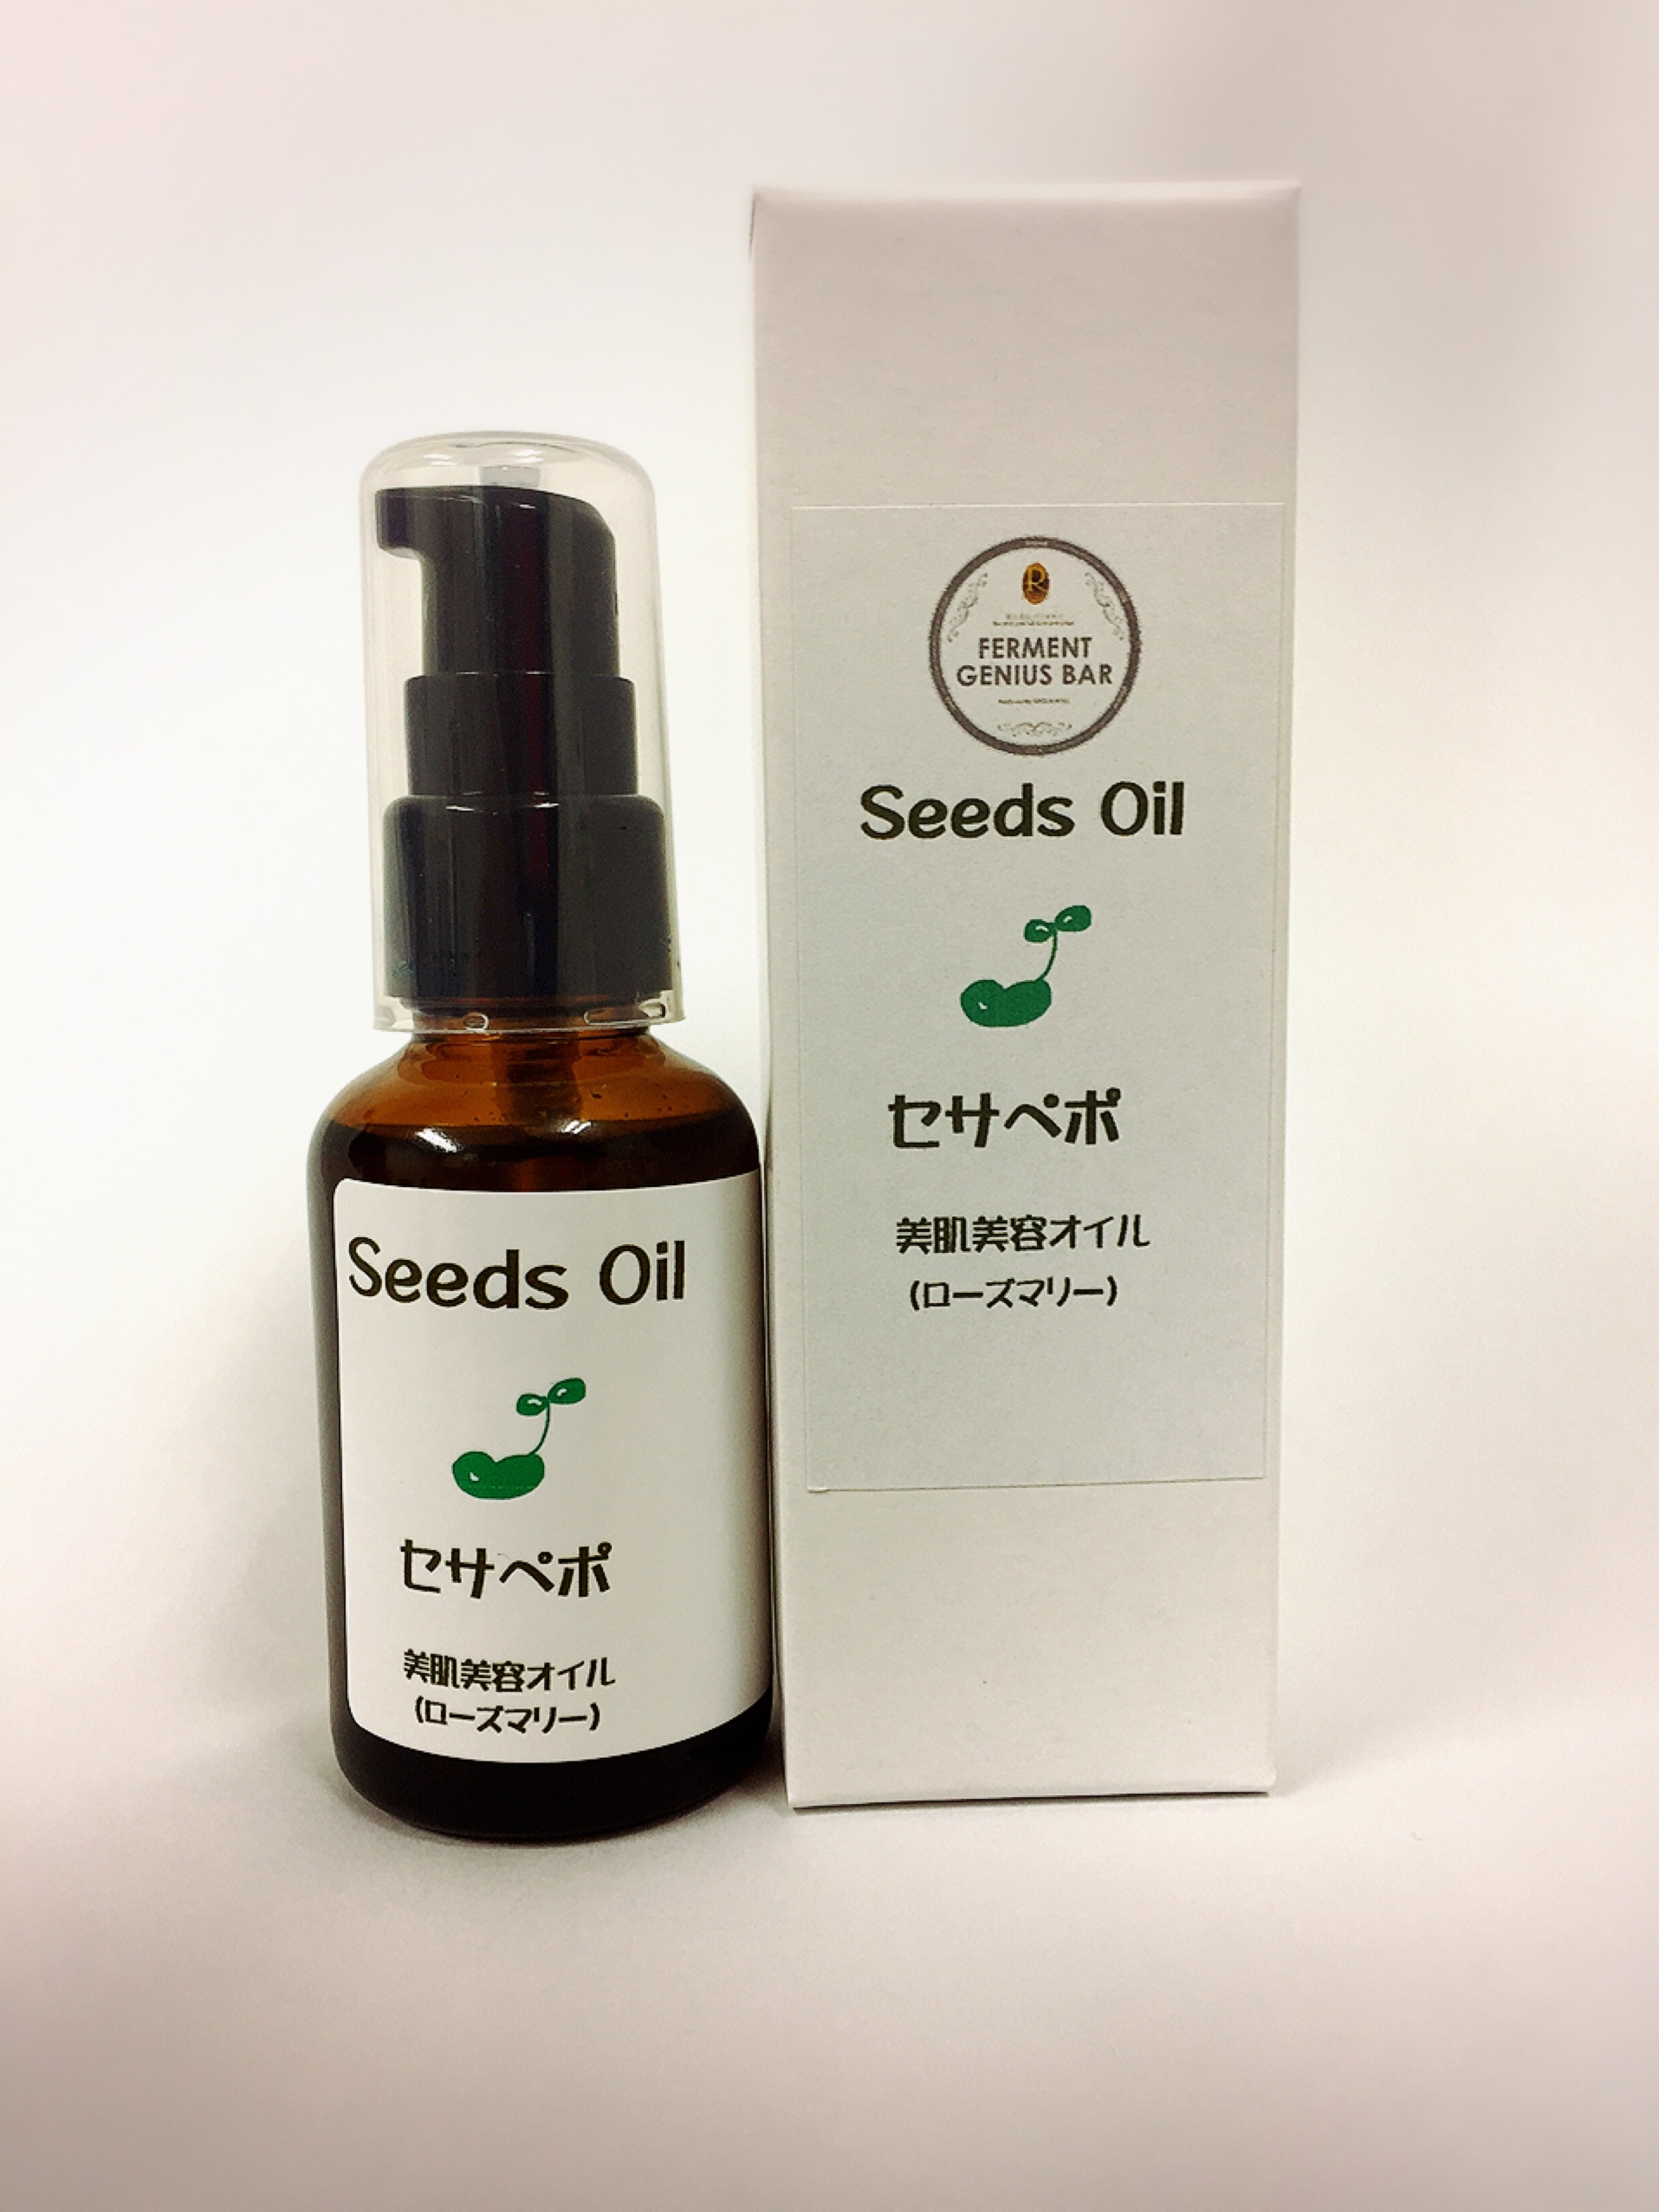 Seeds Oil【セサペポ&ローズマリー】香草美肌オイル30ml